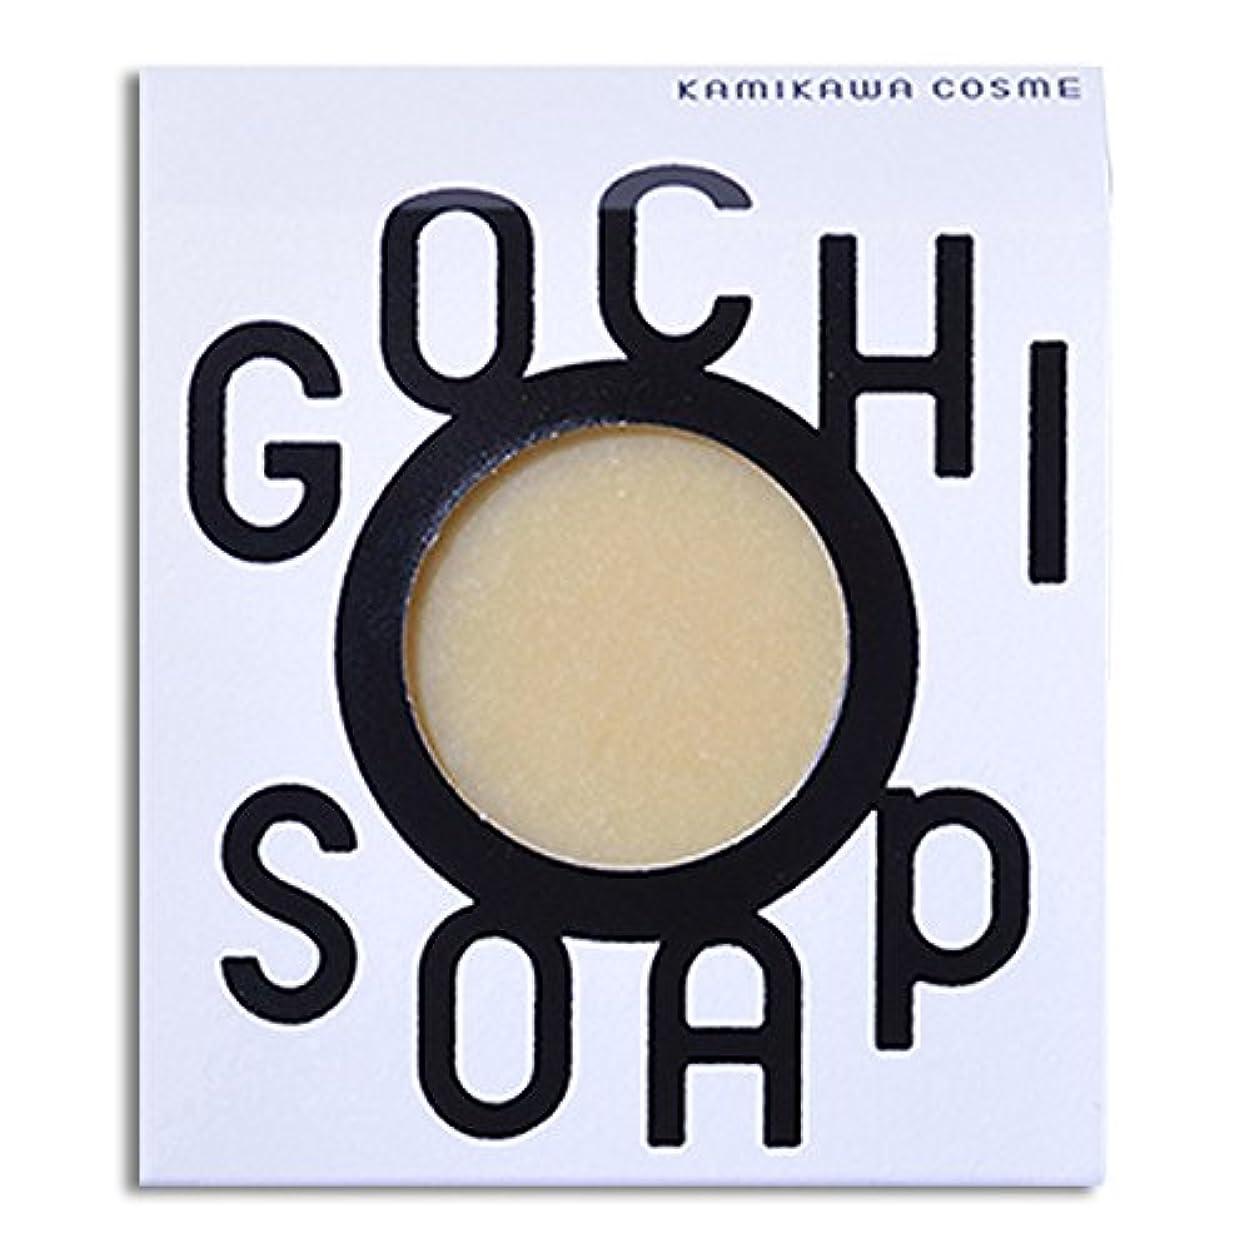 情熱バスト失礼な道北の素材を使用したコスメブランド GOCHI SOAP(山路養蜂園の蜂蜜ソープ?ふじくらますも果樹園のりんごソープ)各1個セット